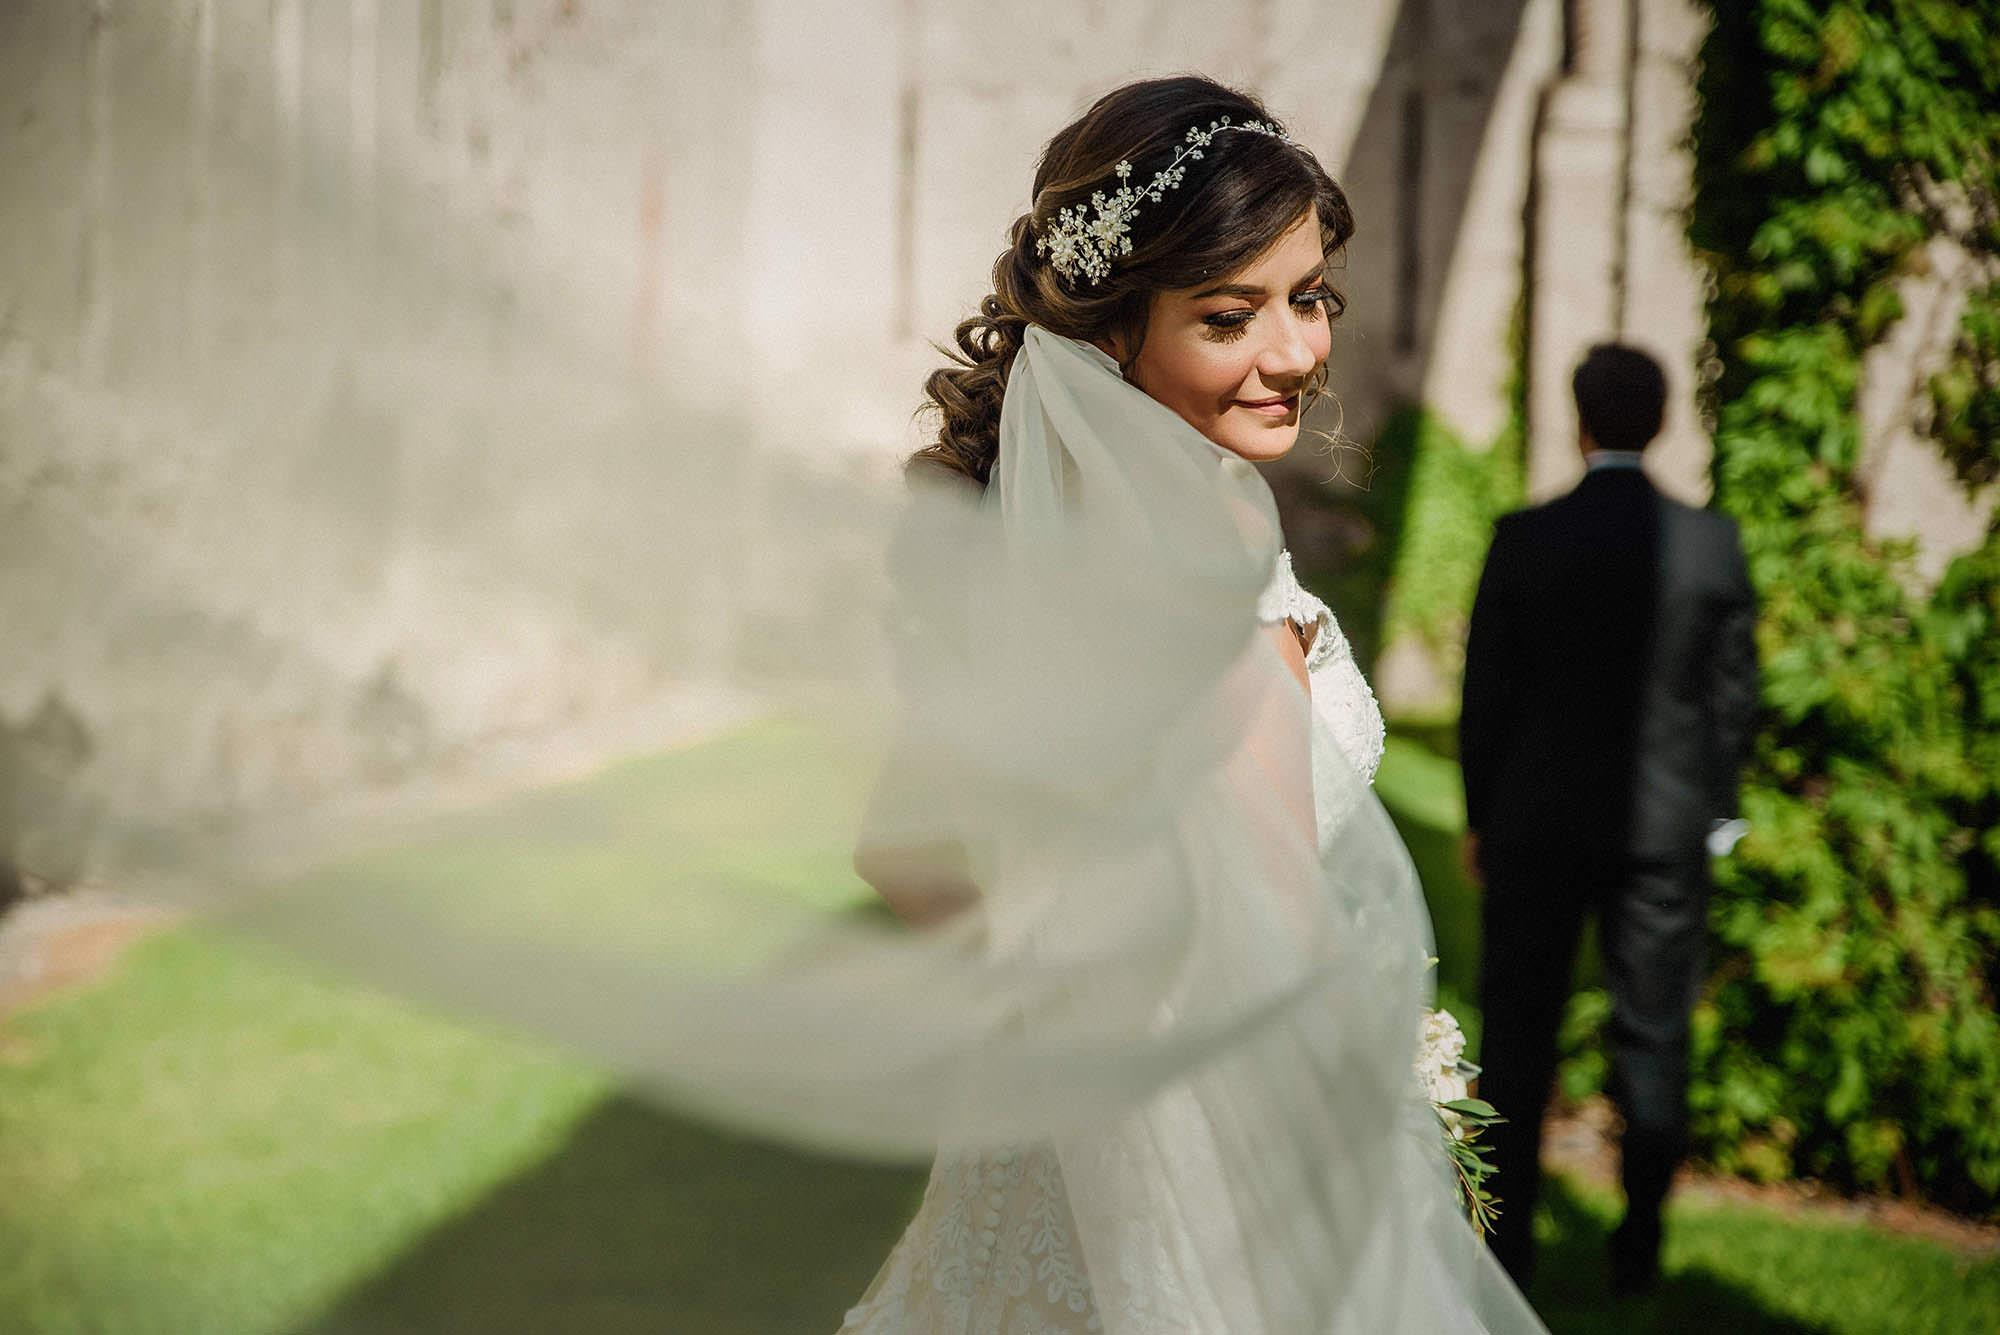 Boda Queretaro hacienda wedding planner magali espinosa fotografo 11-WEB.jpg